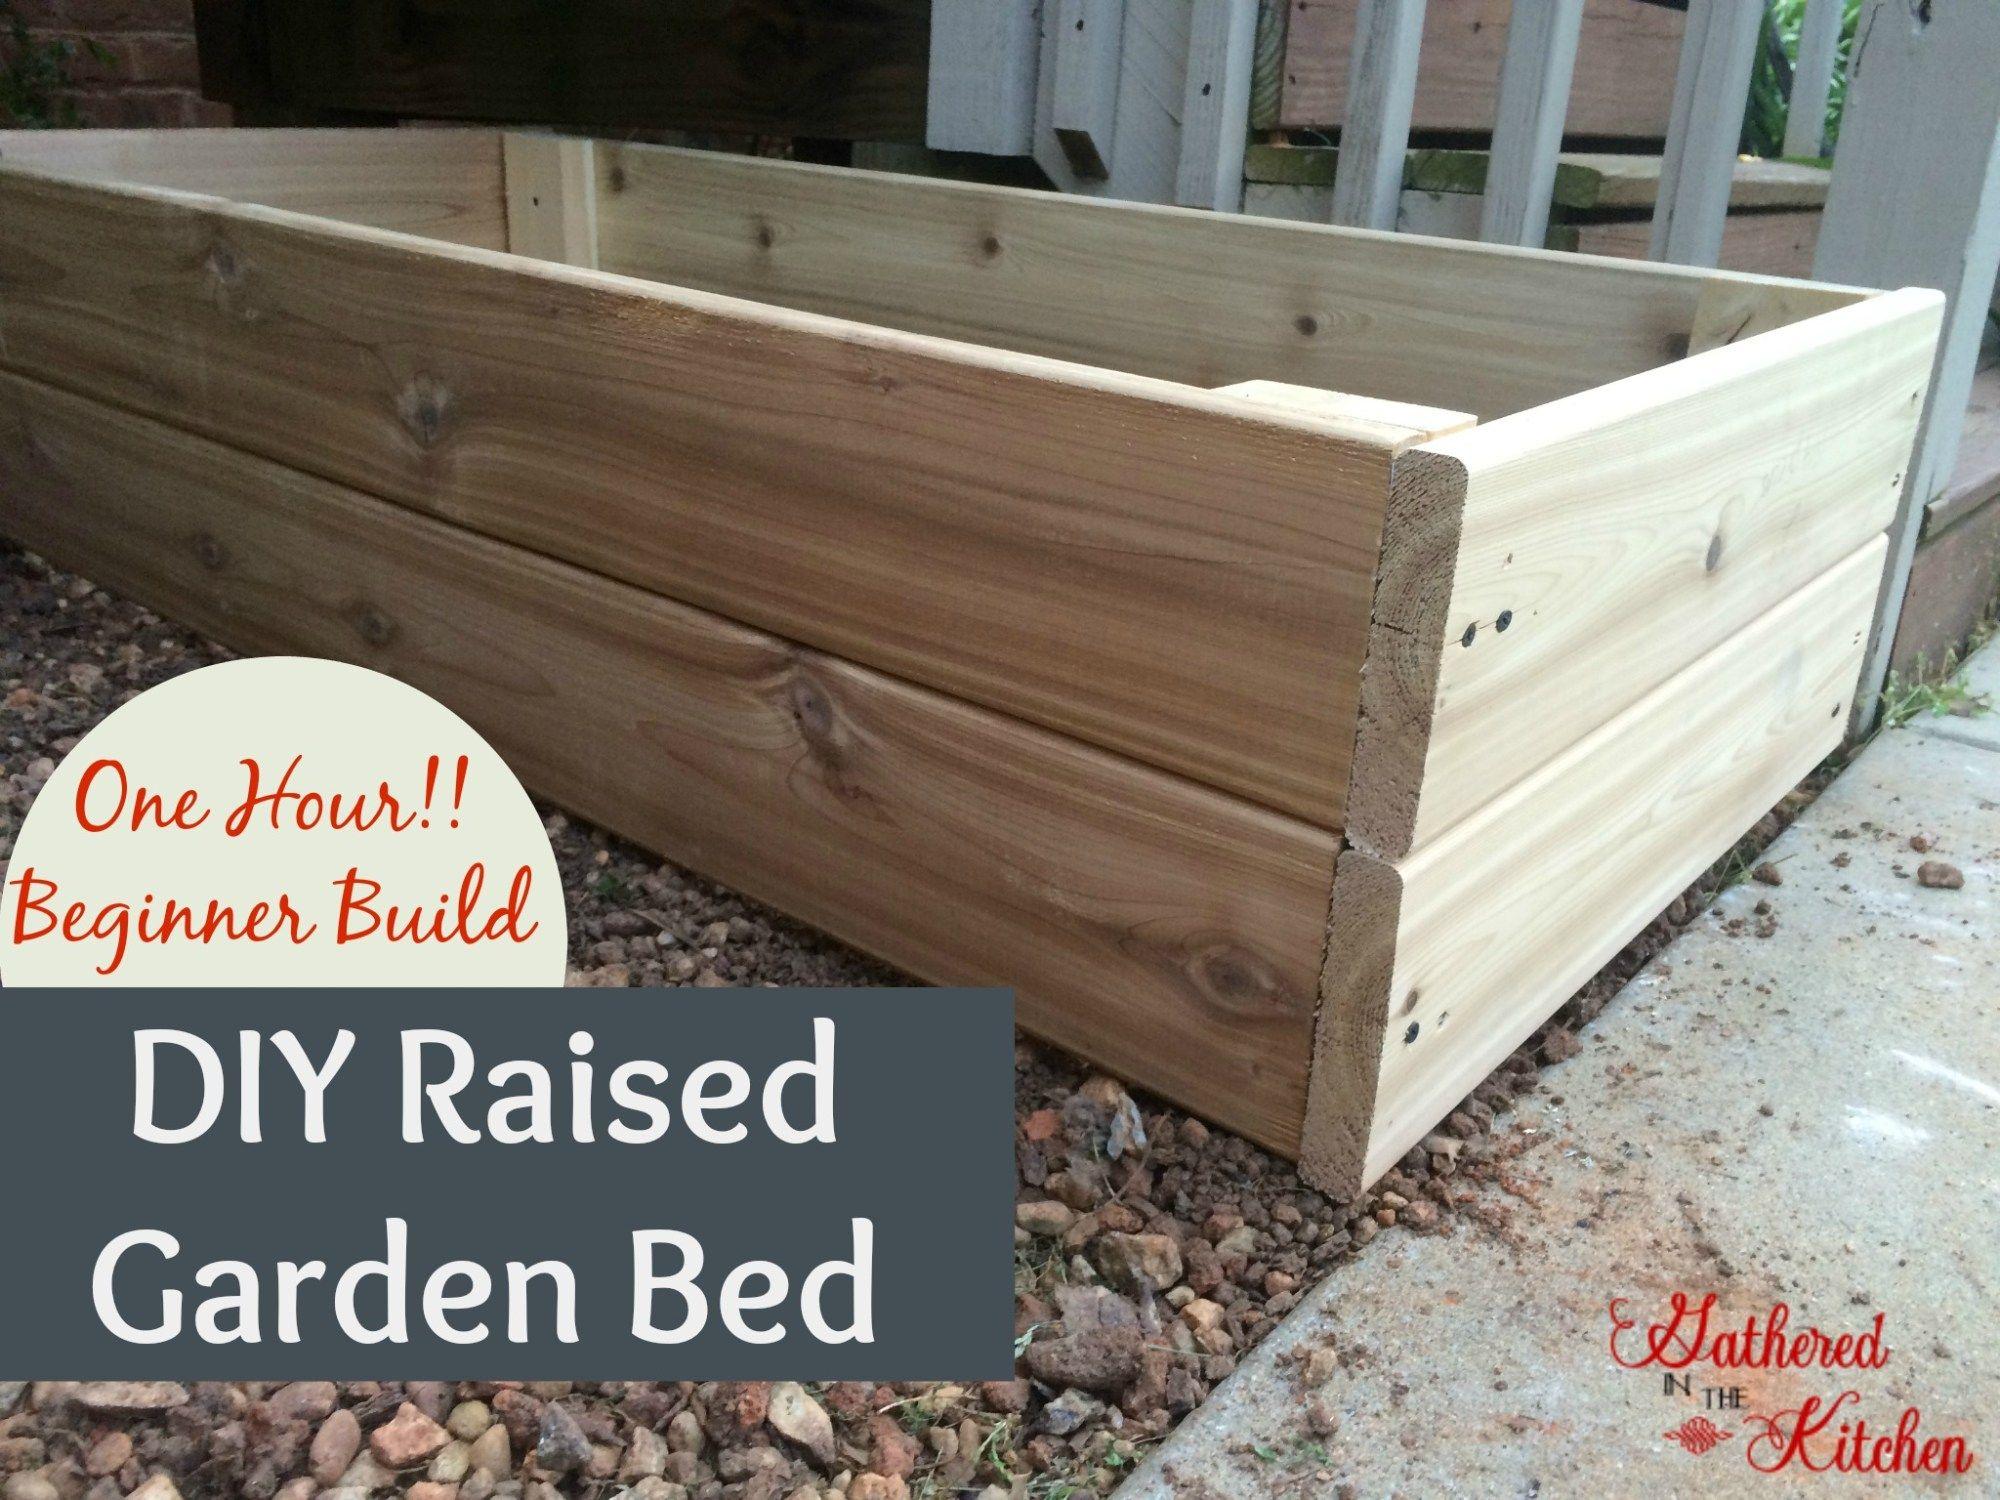 Diy raised garden bed beginner level building pinterest